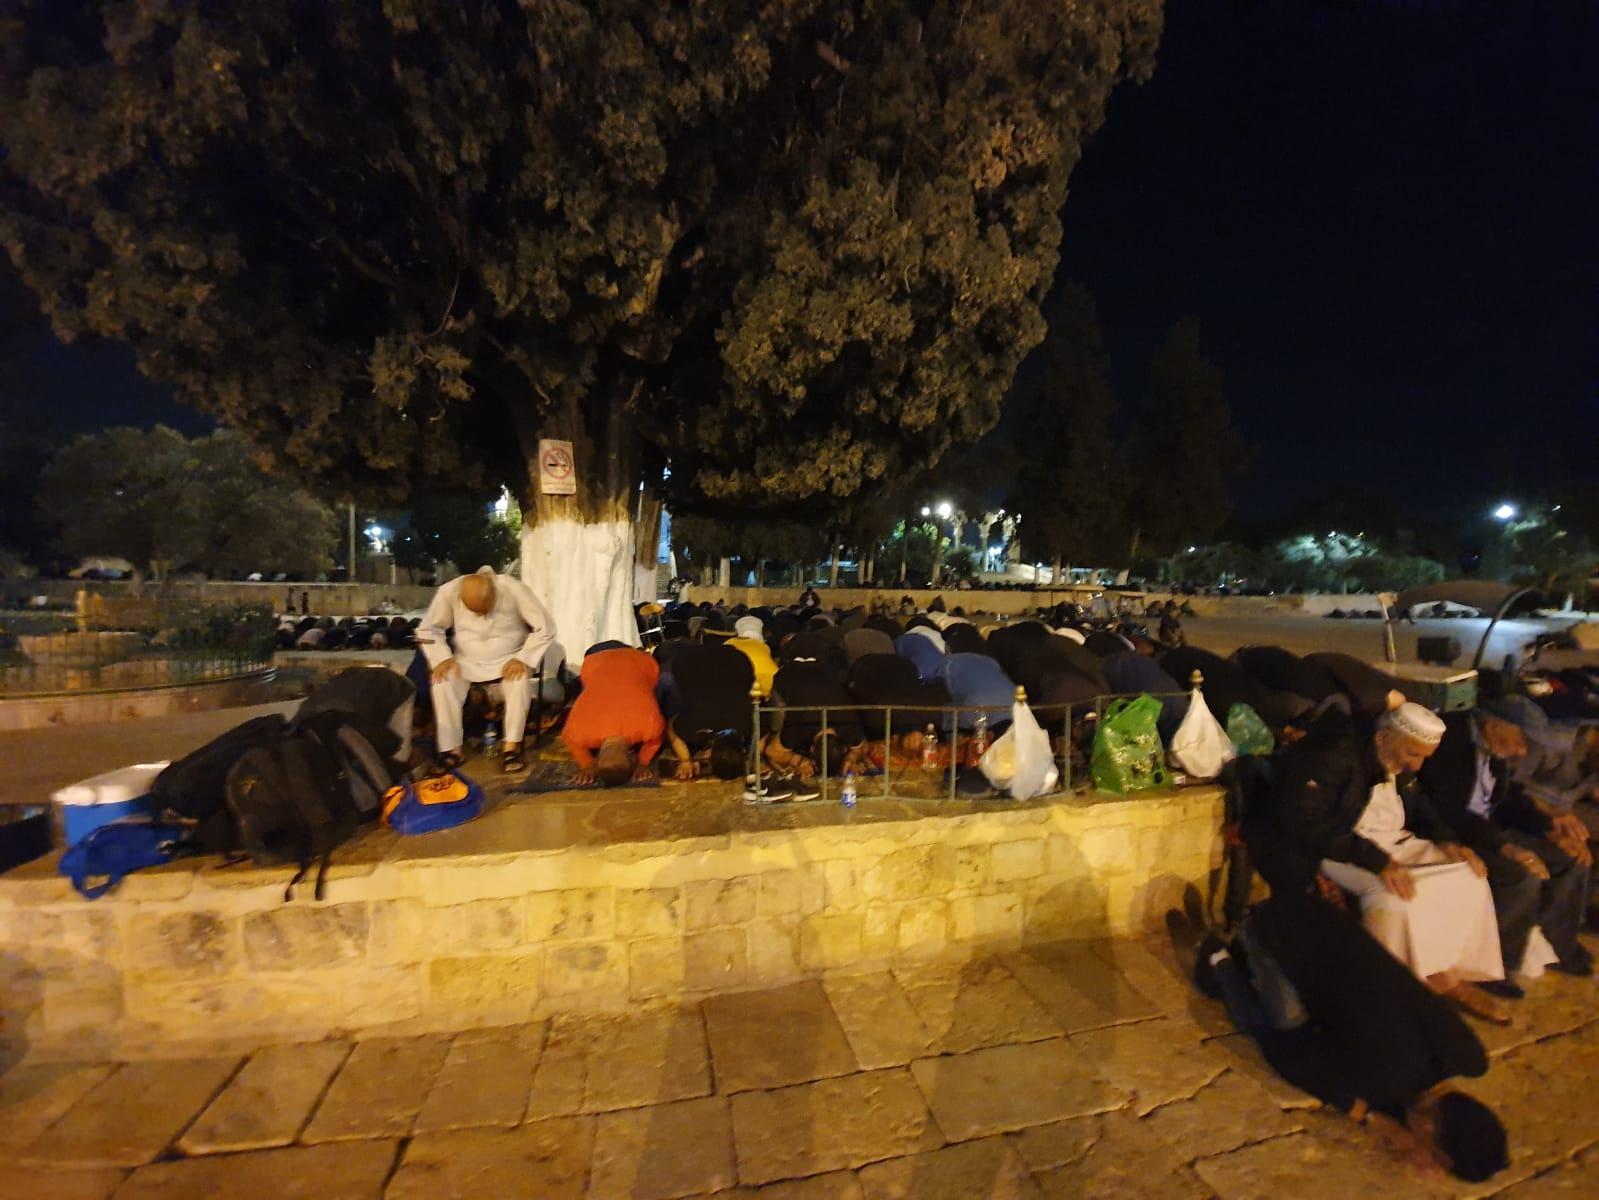 الاحتلال يخرج جميع المعتكفين من المسجد الأقصى المبارك